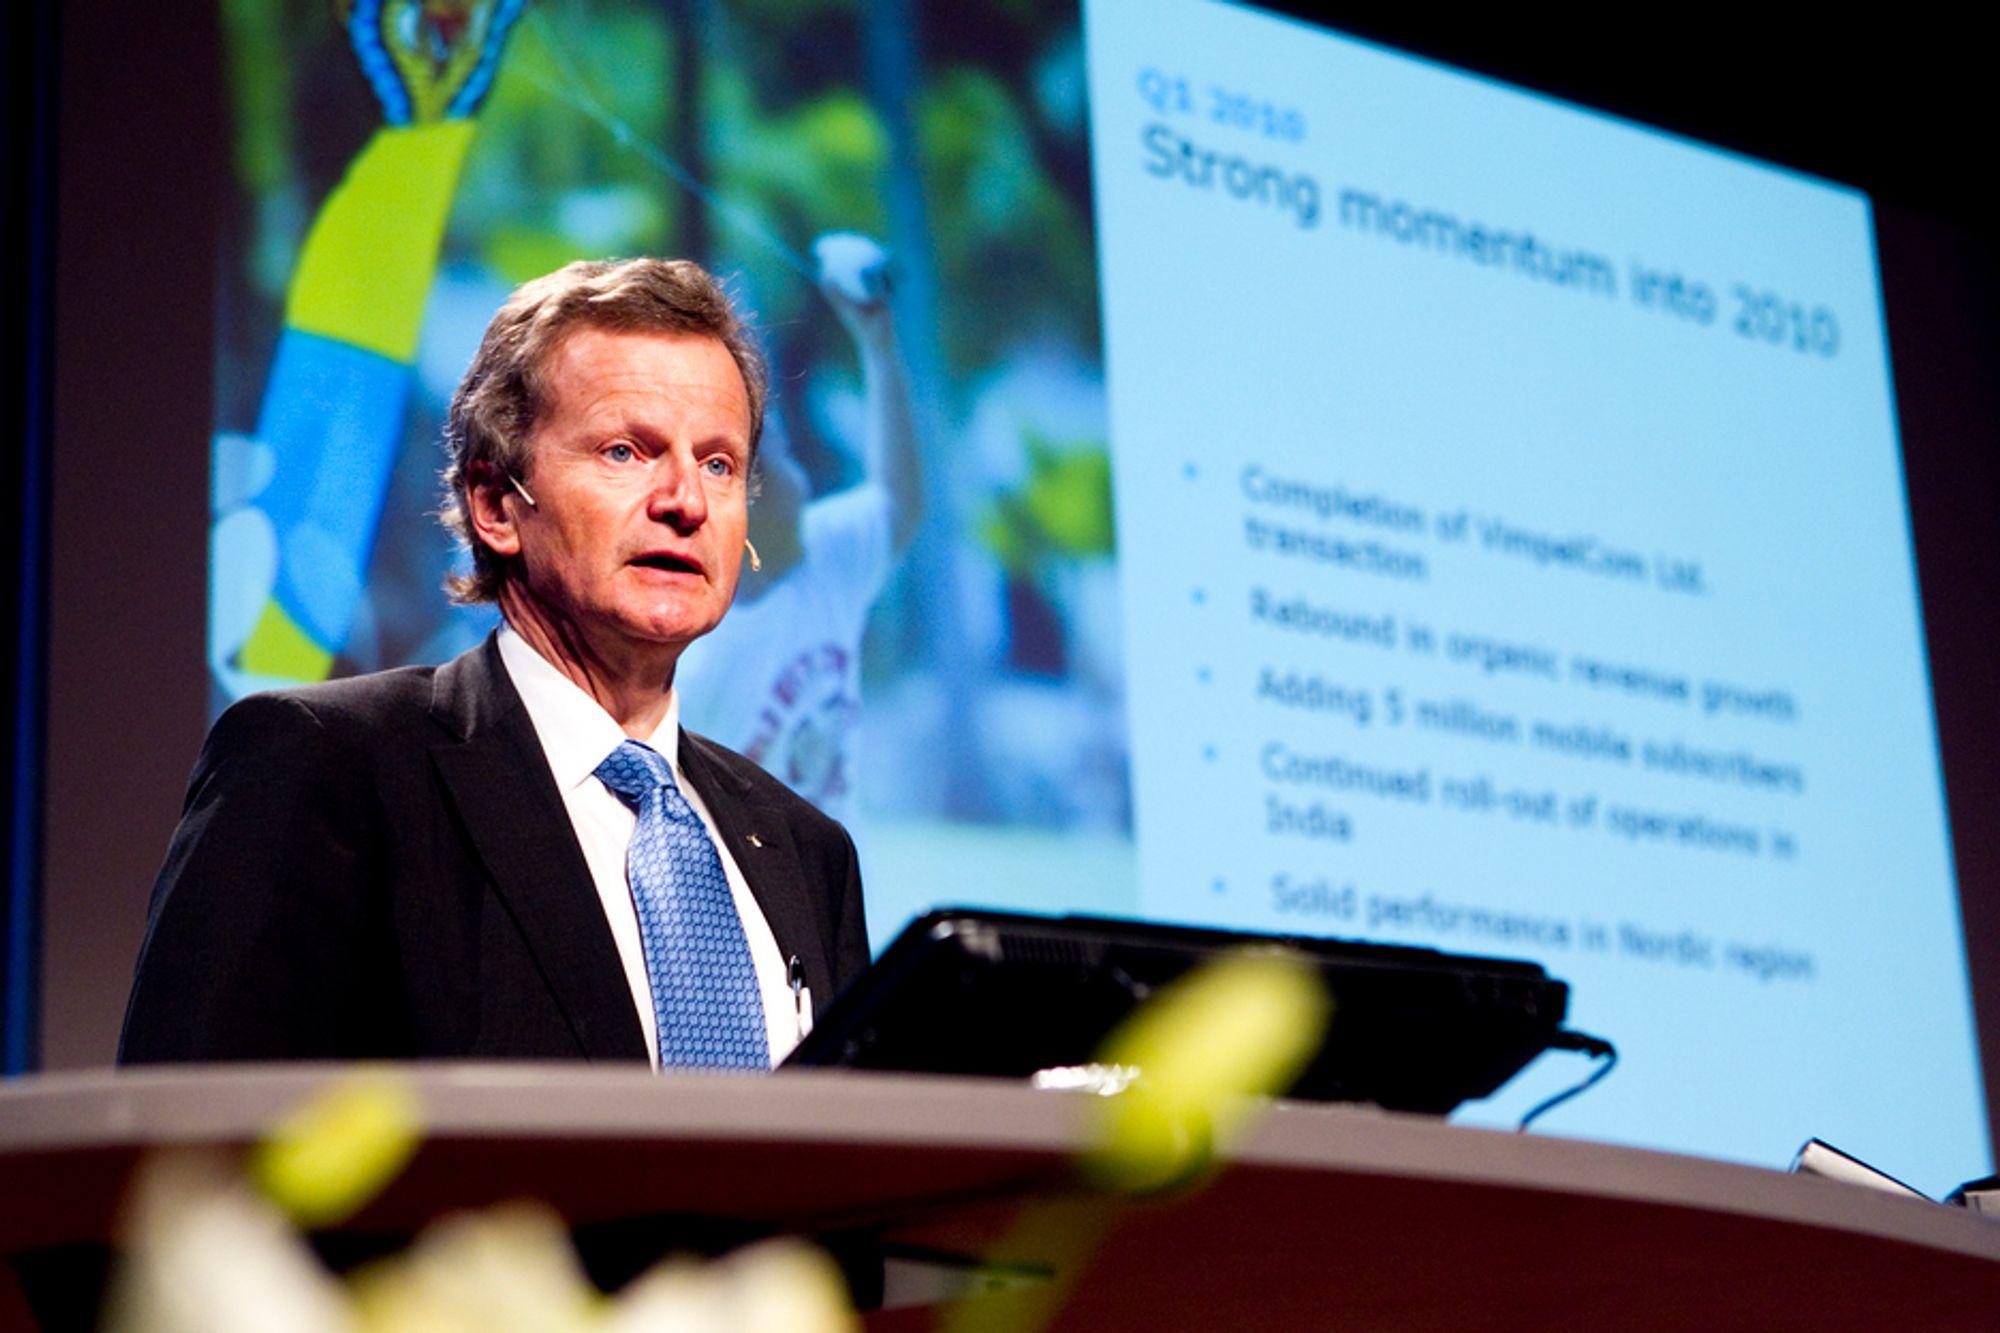 Konsernsjef i Telenor, Jon Fredrik Baksaas, kunne presentere et bedre resultat enn ventet etter første kvartal for 2010.